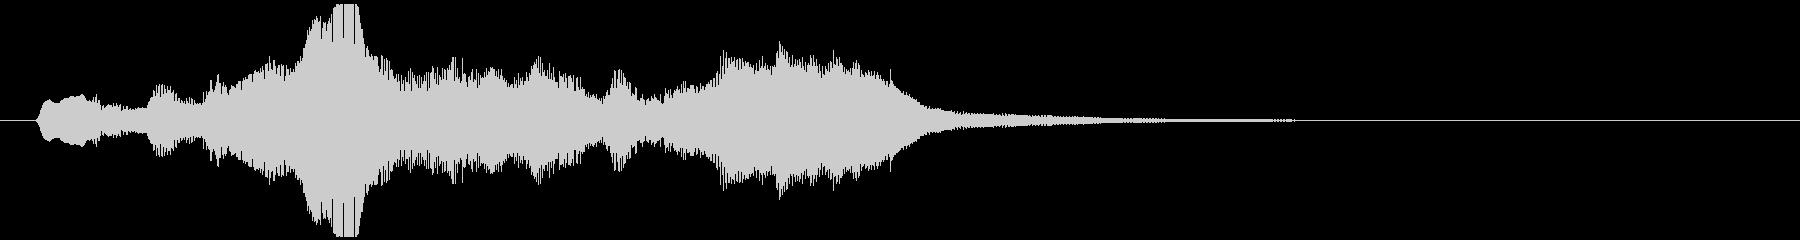 のほほんジングル008_おっとり-3の未再生の波形